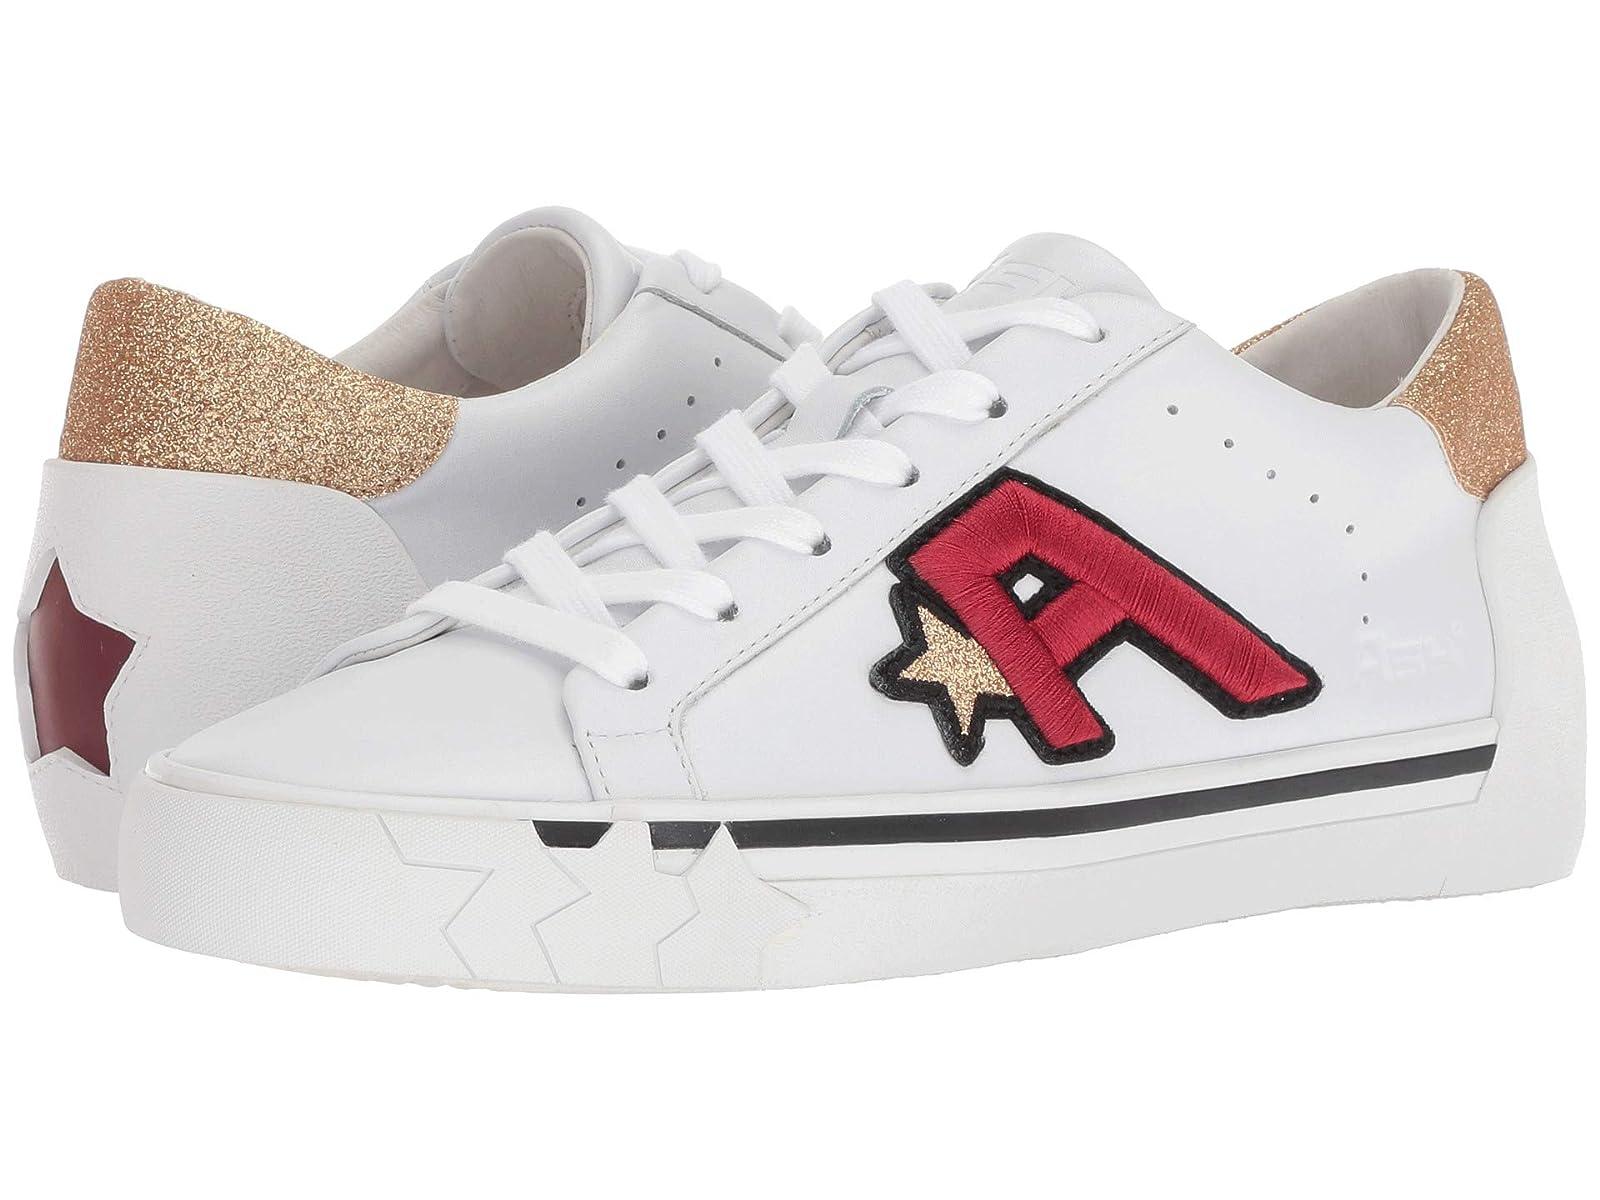 ASH NextAtmospheric grades have affordable shoes